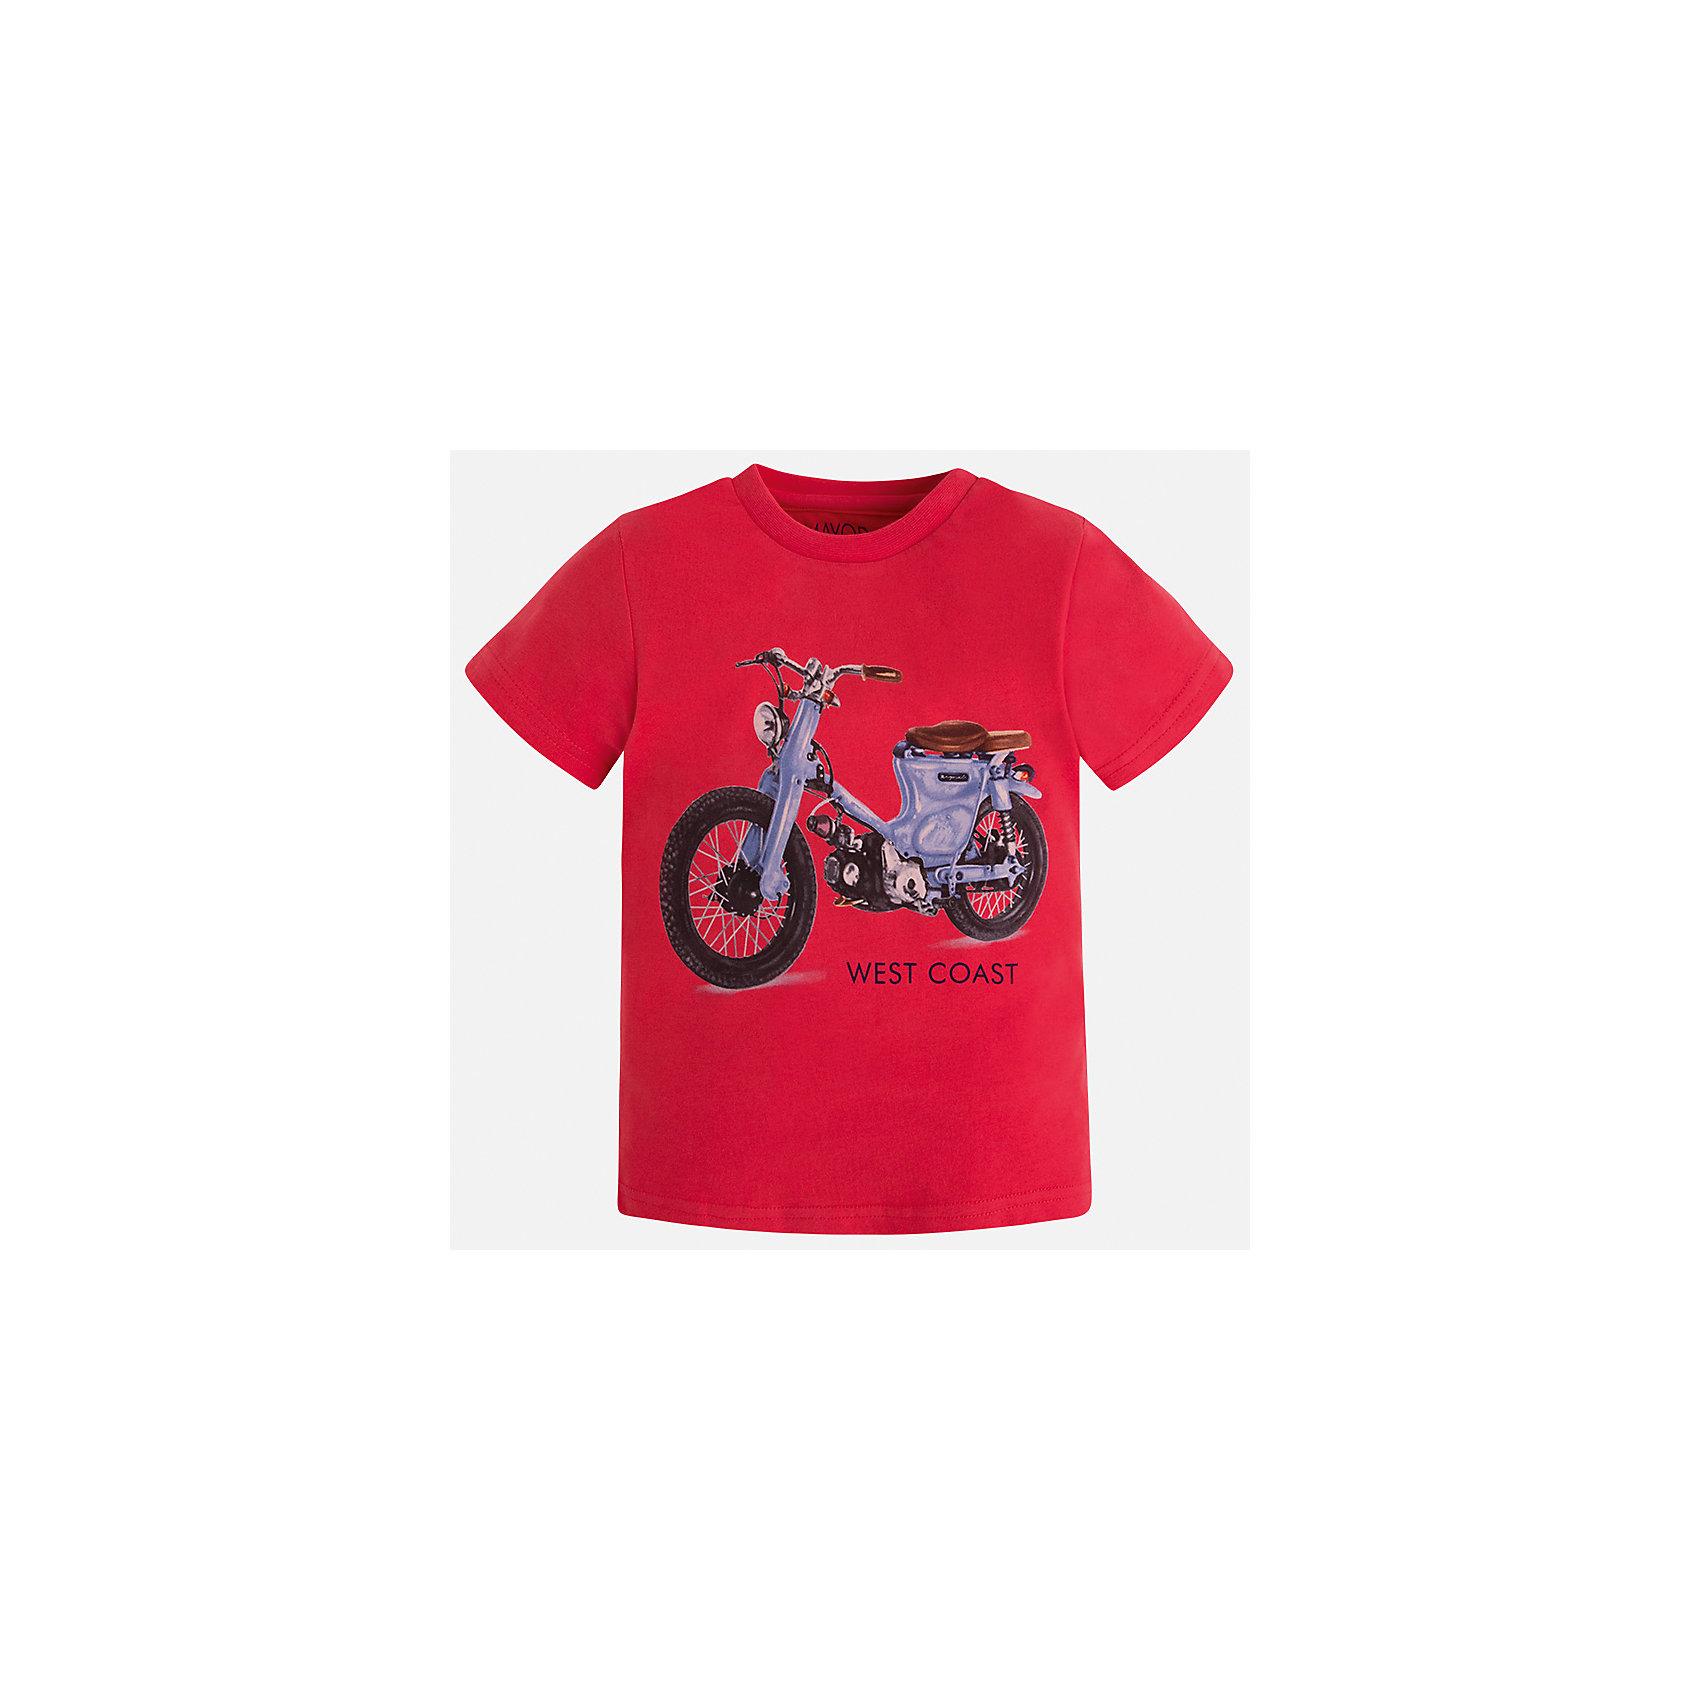 Футболка для мальчика MayoralФутболки, поло и топы<br>Характеристики товара:<br><br>• цвет: красный<br>• состав: 100% хлопок<br>• круглый горловой вырез<br>• декорирована принтом<br>• короткие рукава<br>• отделка горловины<br>• страна бренда: Испания<br><br>Стильная удобная футболка с принтом поможет разнообразить гардероб мальчика. Она отлично сочетается с брюками, шортами, джинсами. Универсальный крой и цвет позволяет подобрать к вещи низ разных расцветок. Практичное и стильное изделие! Хорошо смотрится и комфортно сидит на детях. В составе материала - только натуральный хлопок, гипоаллергенный, приятный на ощупь, дышащий. <br><br>Одежда, обувь и аксессуары от испанского бренда Mayoral полюбились детям и взрослым по всему миру. Модели этой марки - стильные и удобные. Для их производства используются только безопасные, качественные материалы и фурнитура. Порадуйте ребенка модными и красивыми вещами от Mayoral! <br><br>Футболку для мальчика от испанского бренда Mayoral (Майорал) можно купить в нашем интернет-магазине.<br><br>Ширина мм: 199<br>Глубина мм: 10<br>Высота мм: 161<br>Вес г: 151<br>Цвет: красный<br>Возраст от месяцев: 96<br>Возраст до месяцев: 108<br>Пол: Мужской<br>Возраст: Детский<br>Размер: 134,110,128,122,116,104,98,92<br>SKU: 5280026